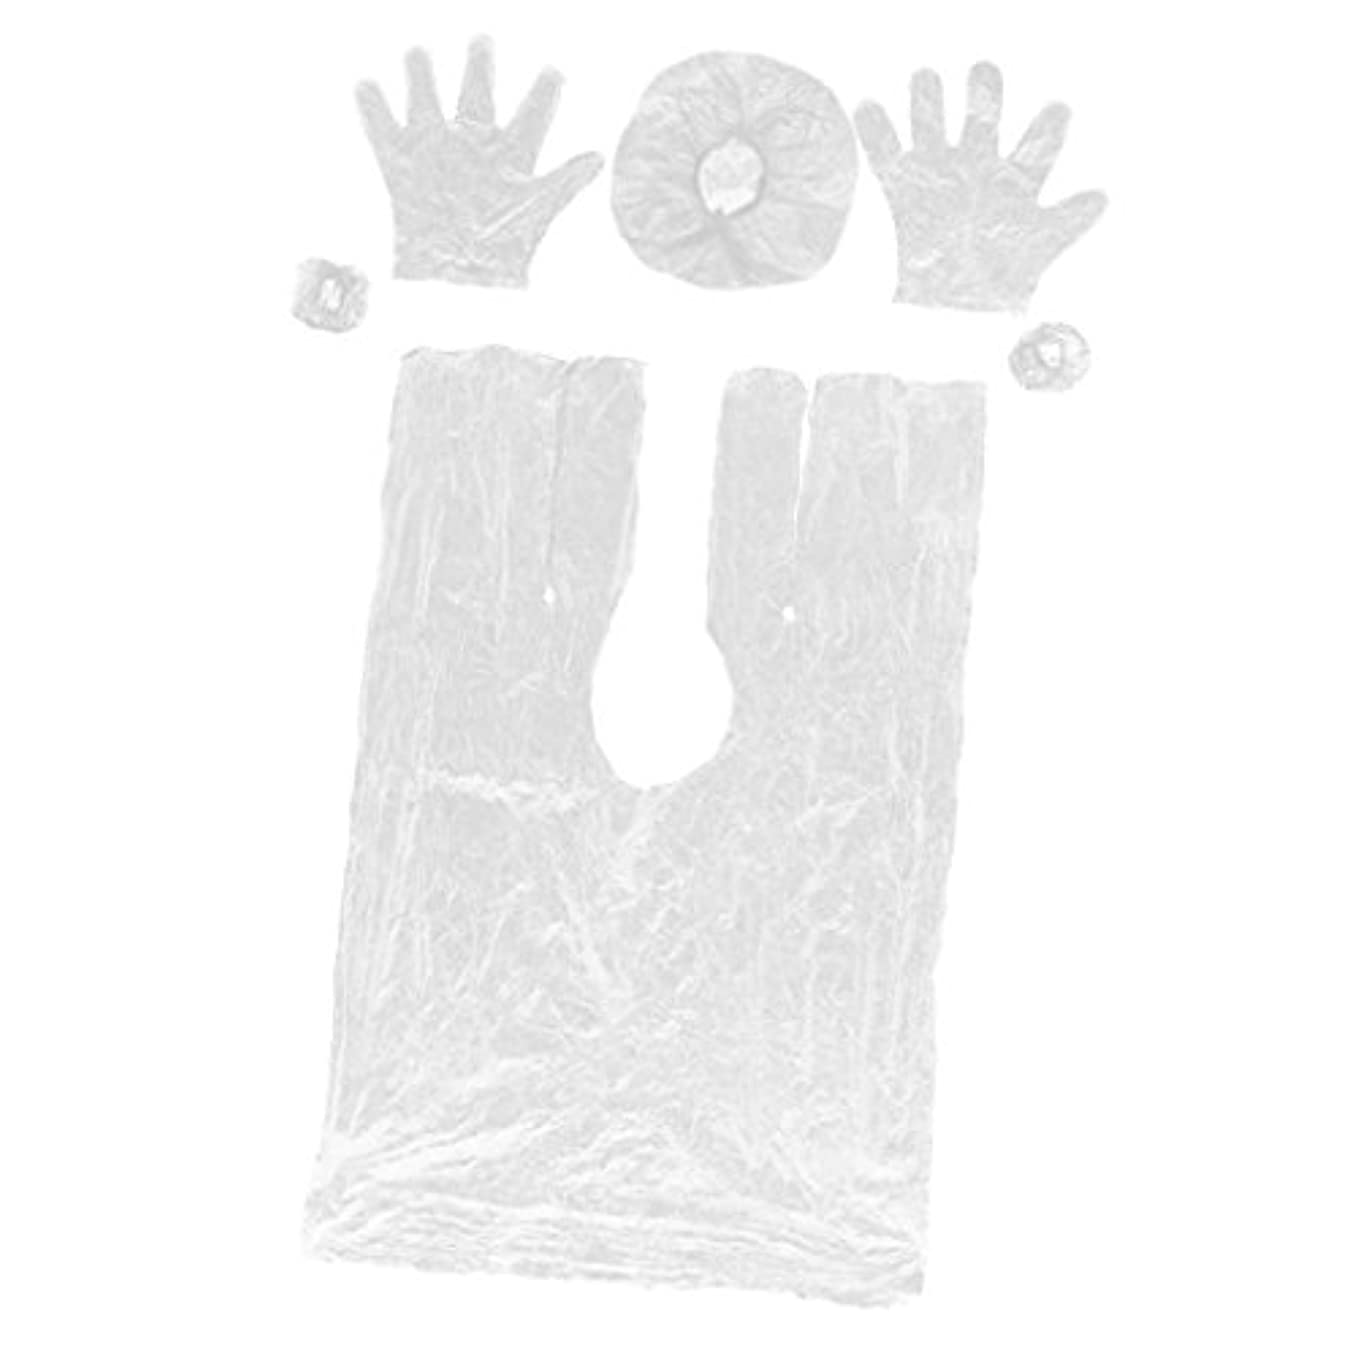 豊かなどうやらアクセスできないToygogo ツール弾性キャップ、理髪ガウンケープショール、手袋、イヤーキャップイヤーマフセットを使用した使い捨てスパヘアサロンカラー染料キットの着色